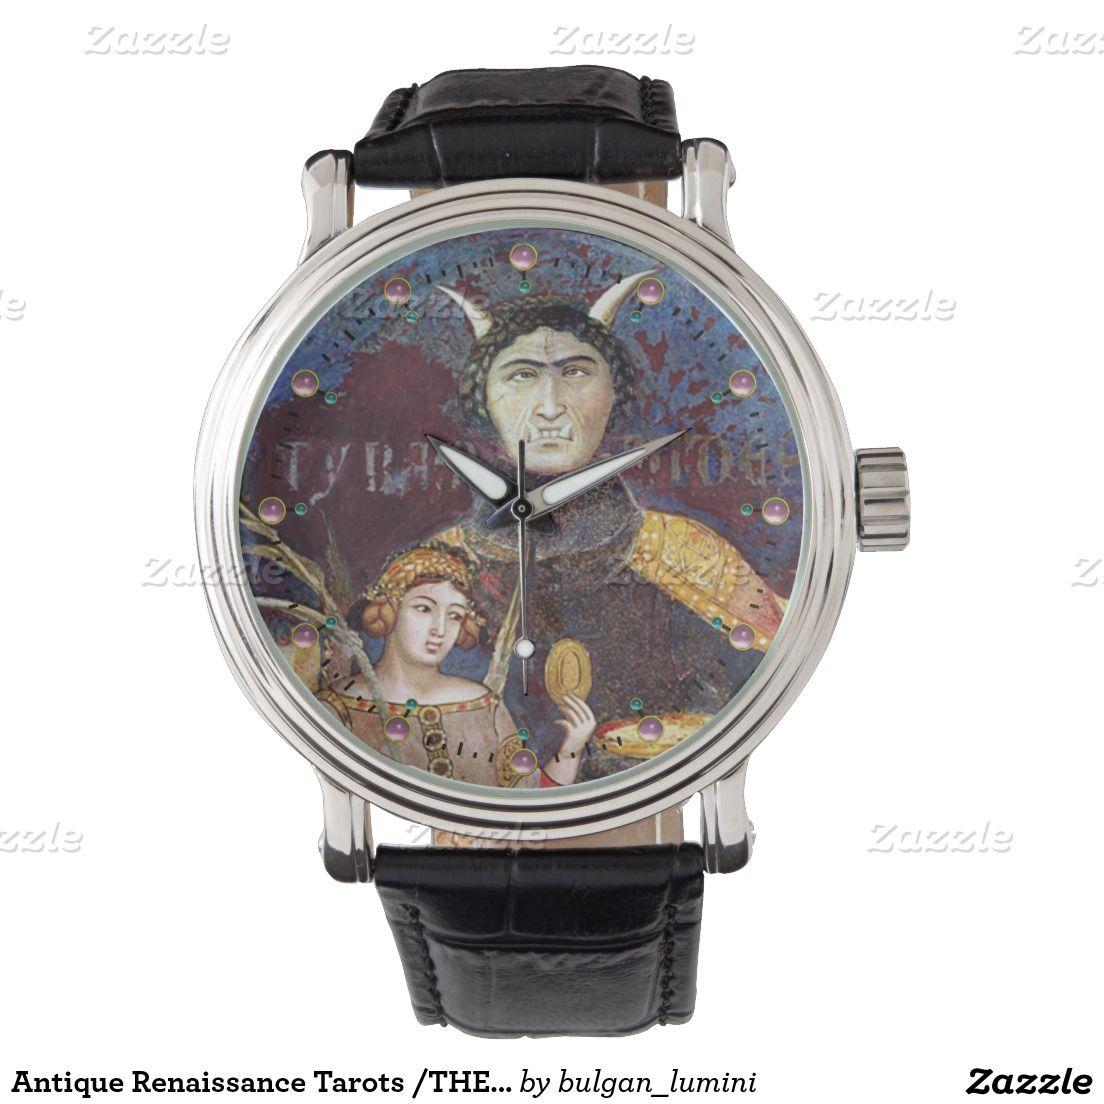 Antique Renaissance Tarots /THE DEVIL AND CONCEIT Wristwatches